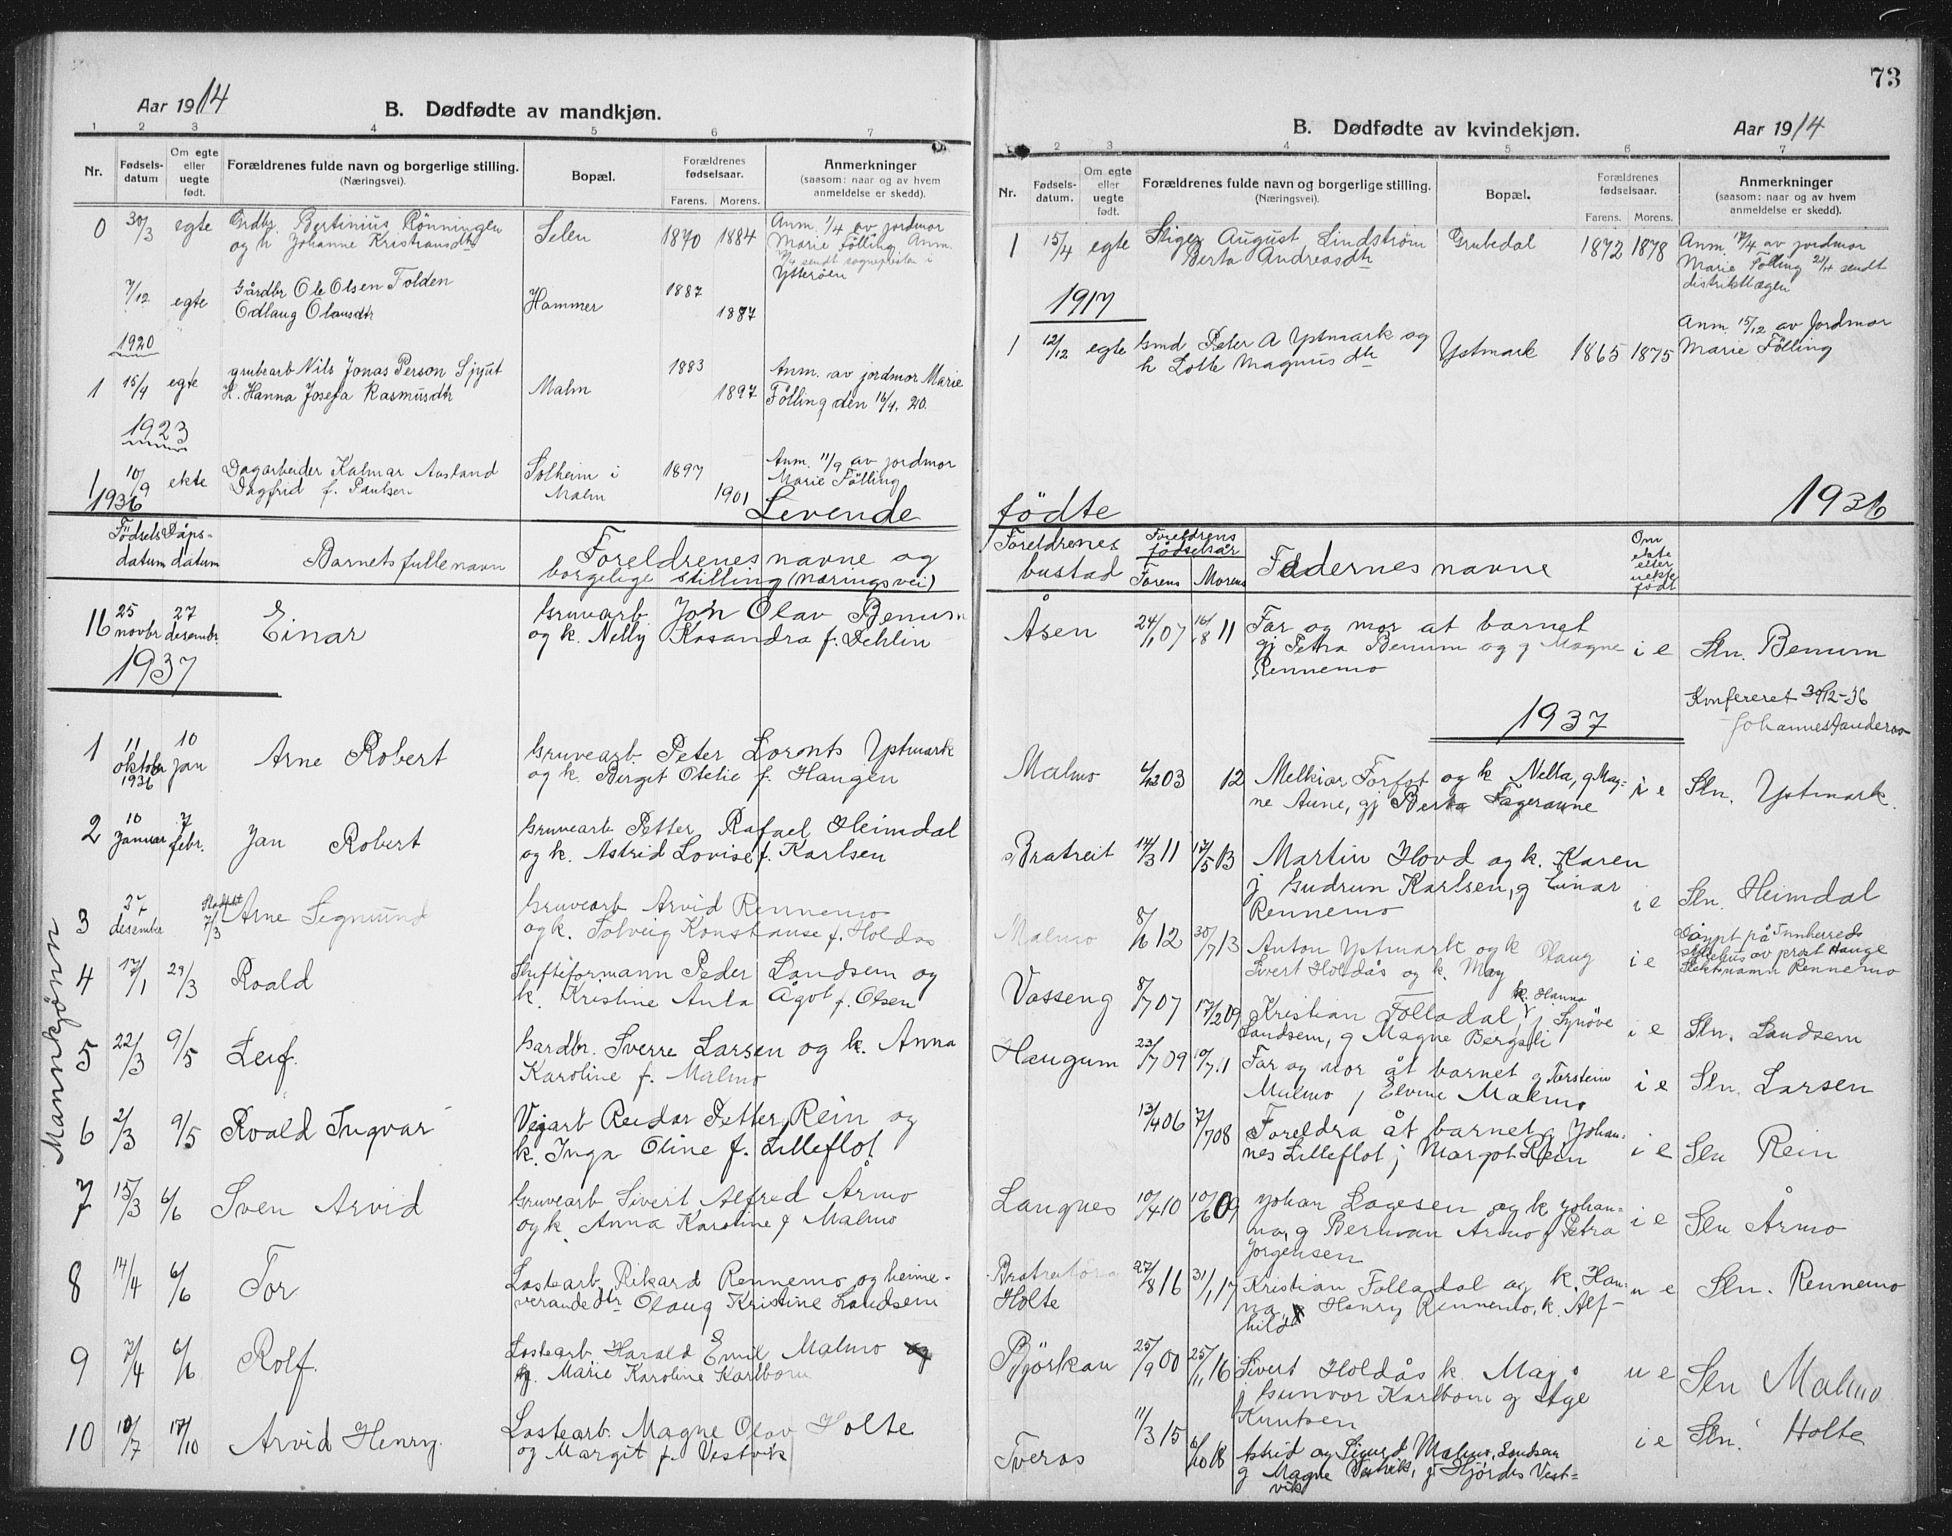 SAT, Ministerialprotokoller, klokkerbøker og fødselsregistre - Nord-Trøndelag, 745/L0434: Klokkerbok nr. 745C03, 1914-1937, s. 73